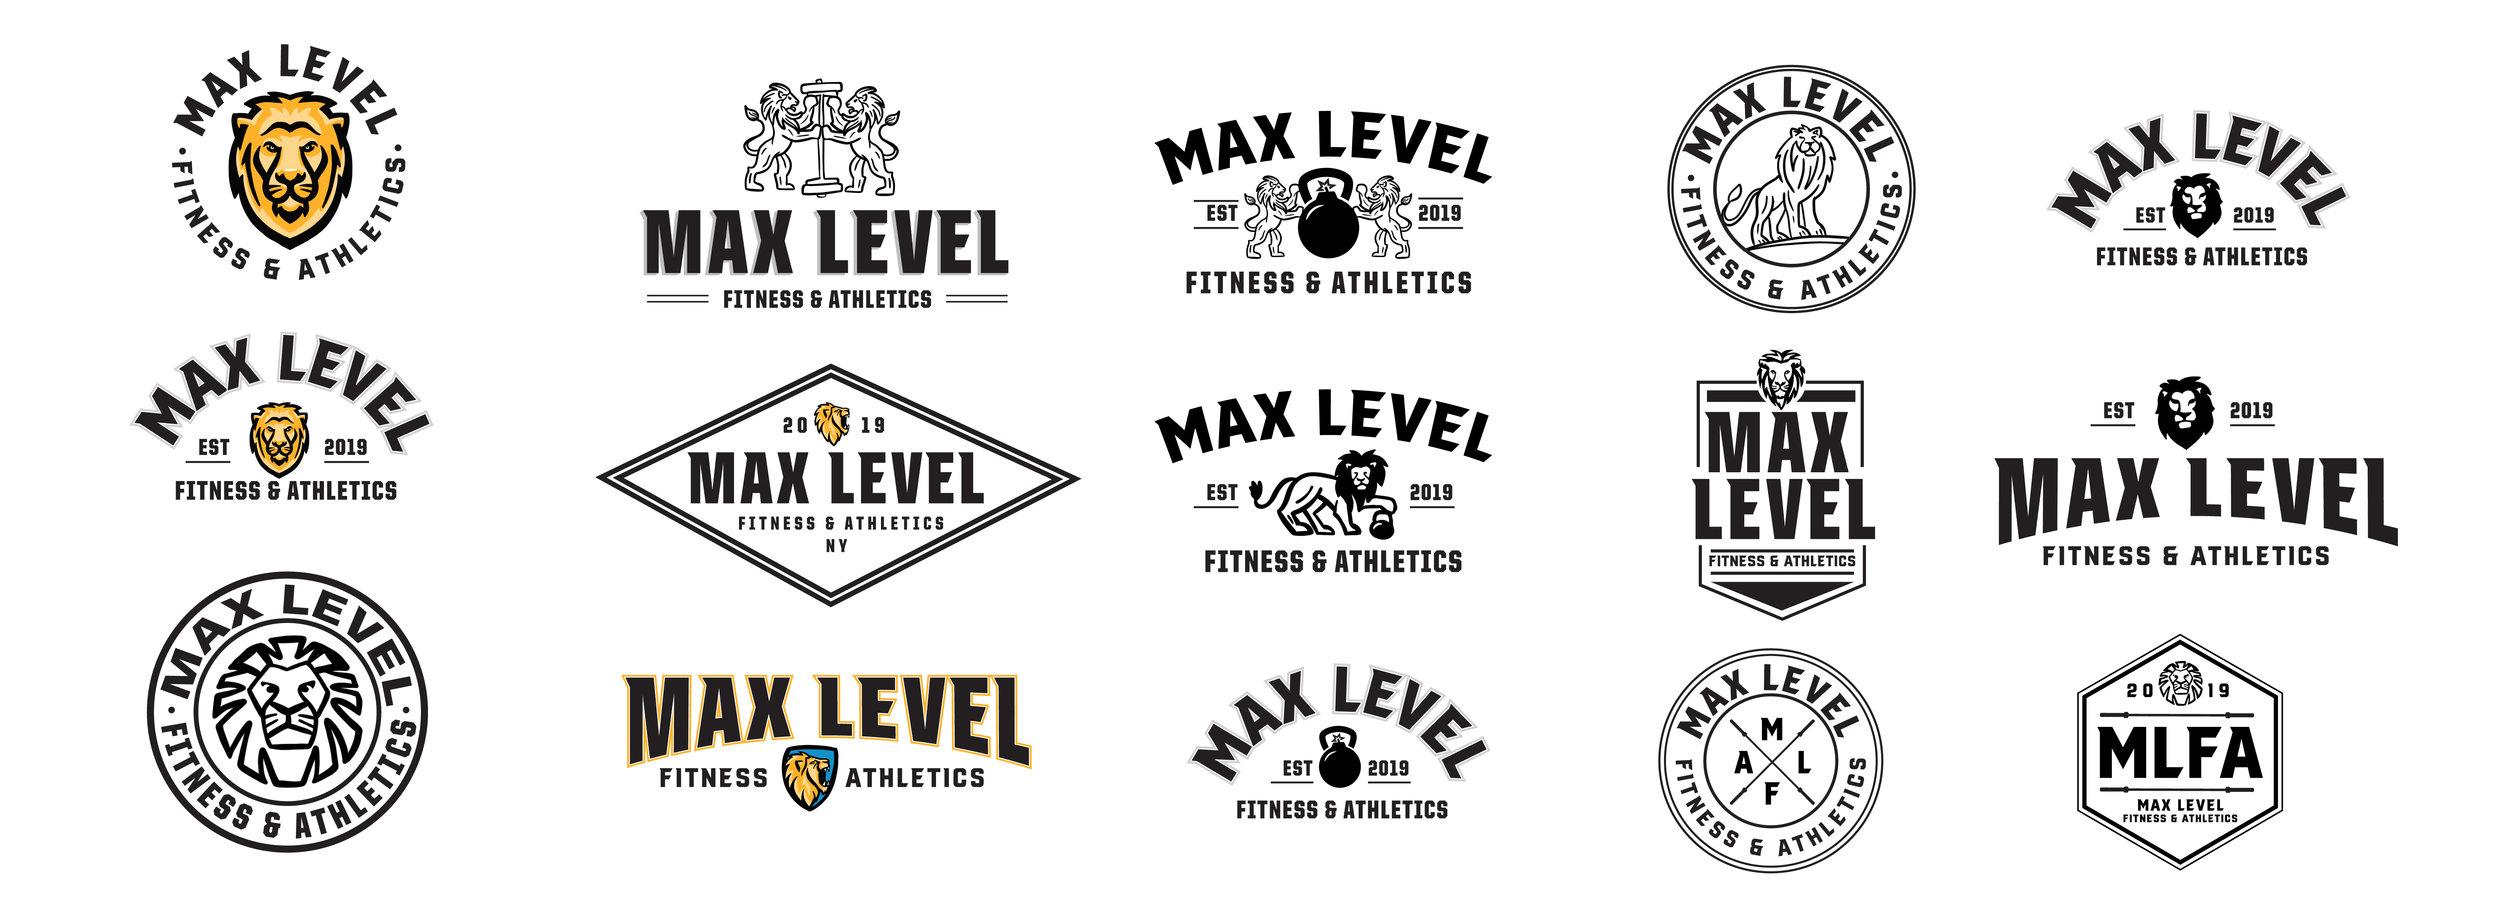 MLFA_logo.jpg